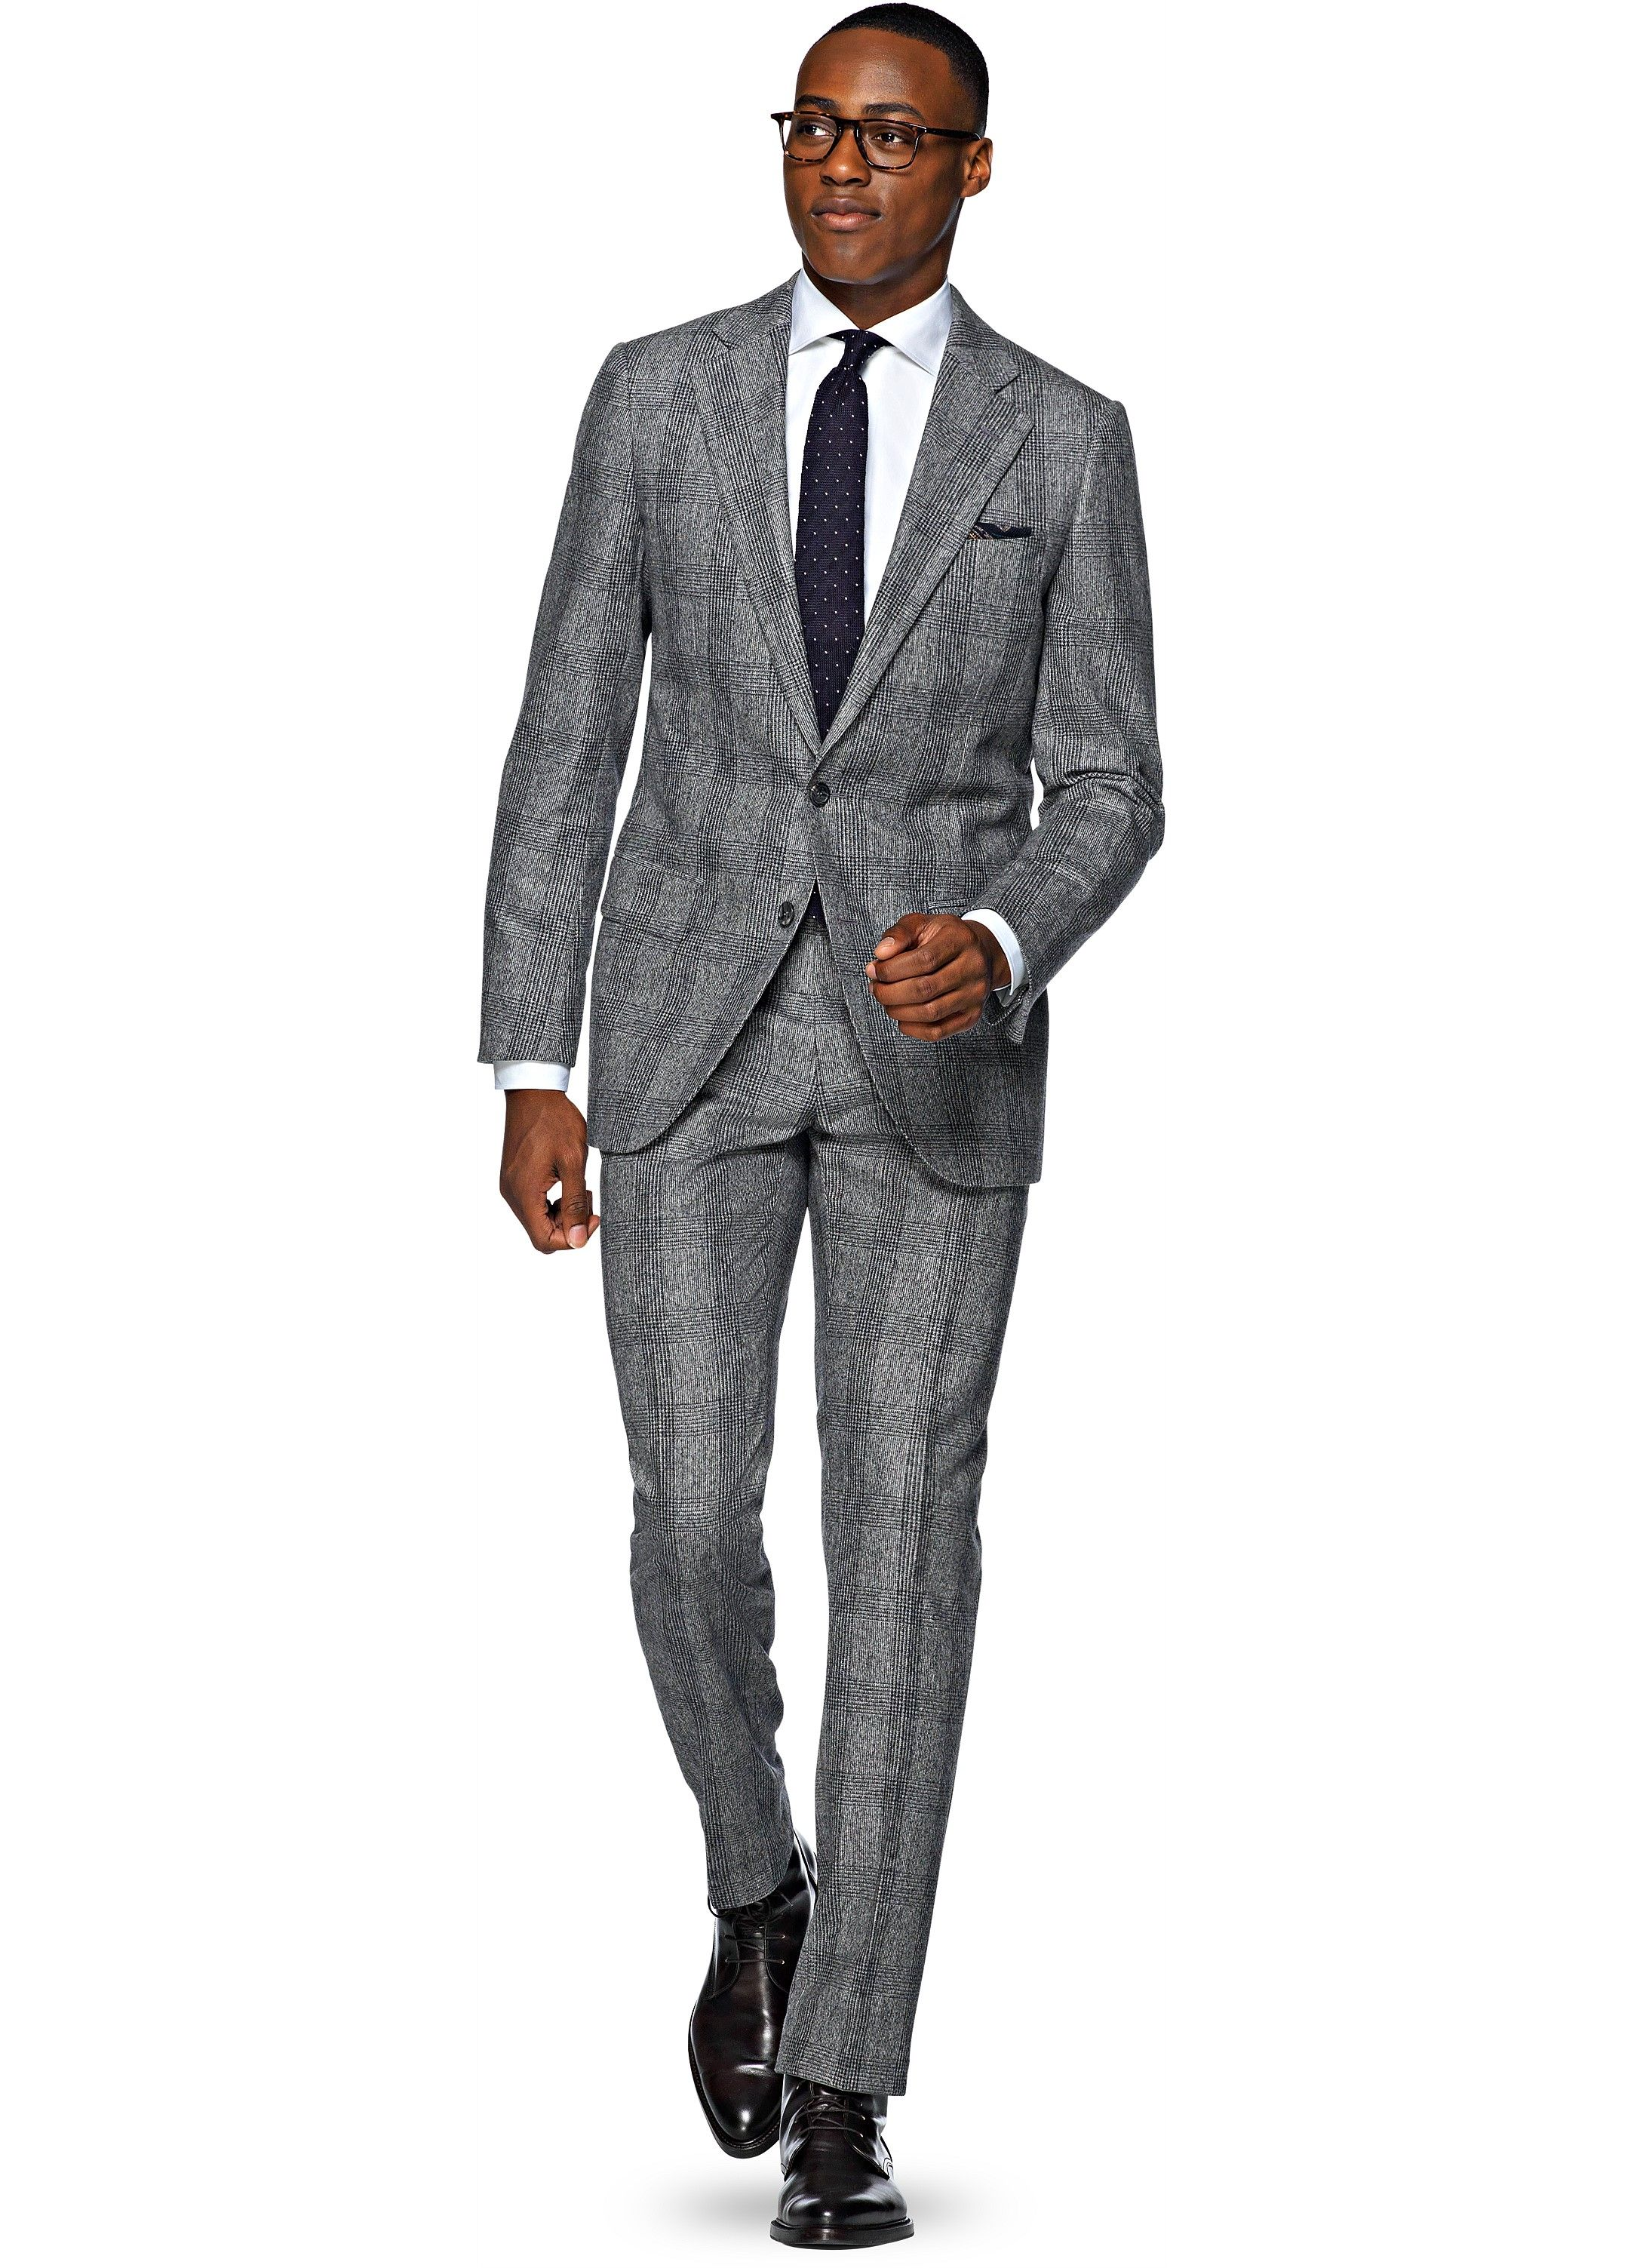 Fantastisch Wedding Suit Grey Ideen - Hochzeit Kleid Stile Ideen ...